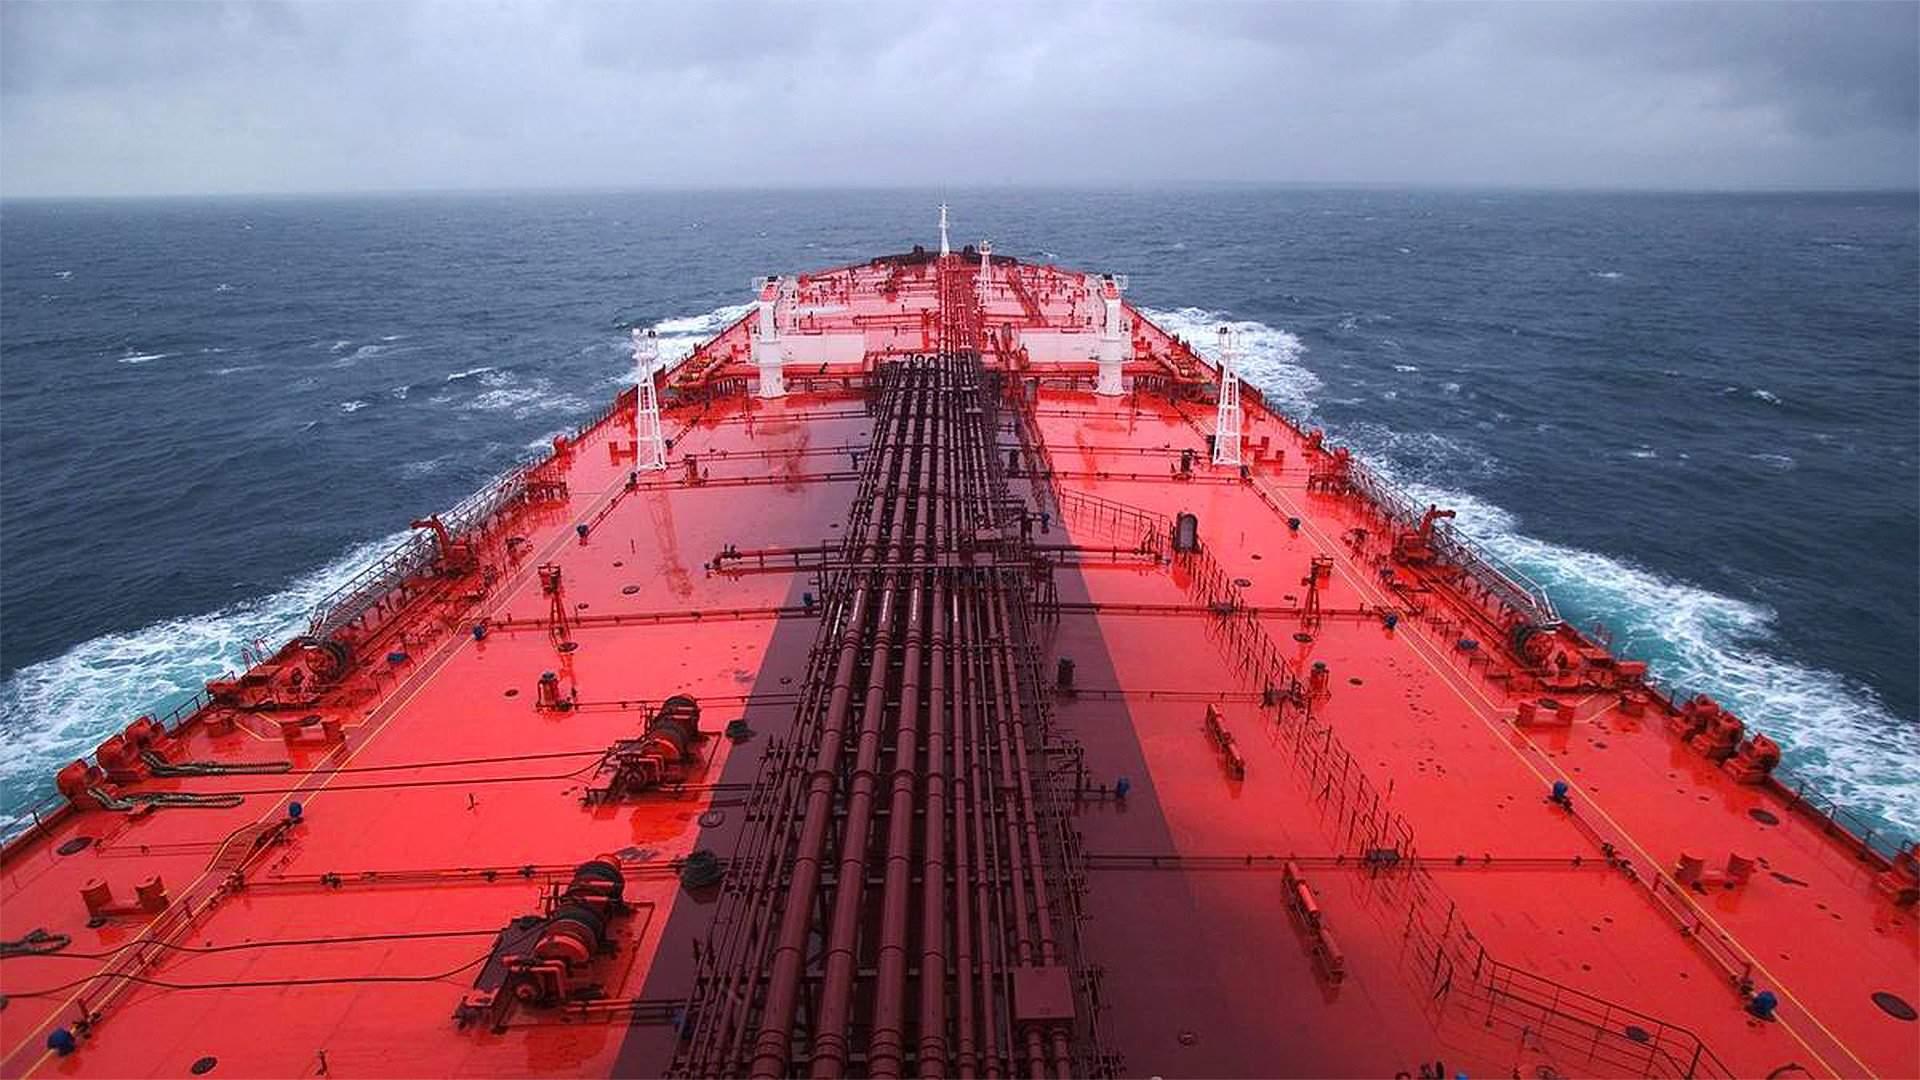 Йеменский нефтяной танкер вид сверху Ходейда море горизонт красный синий